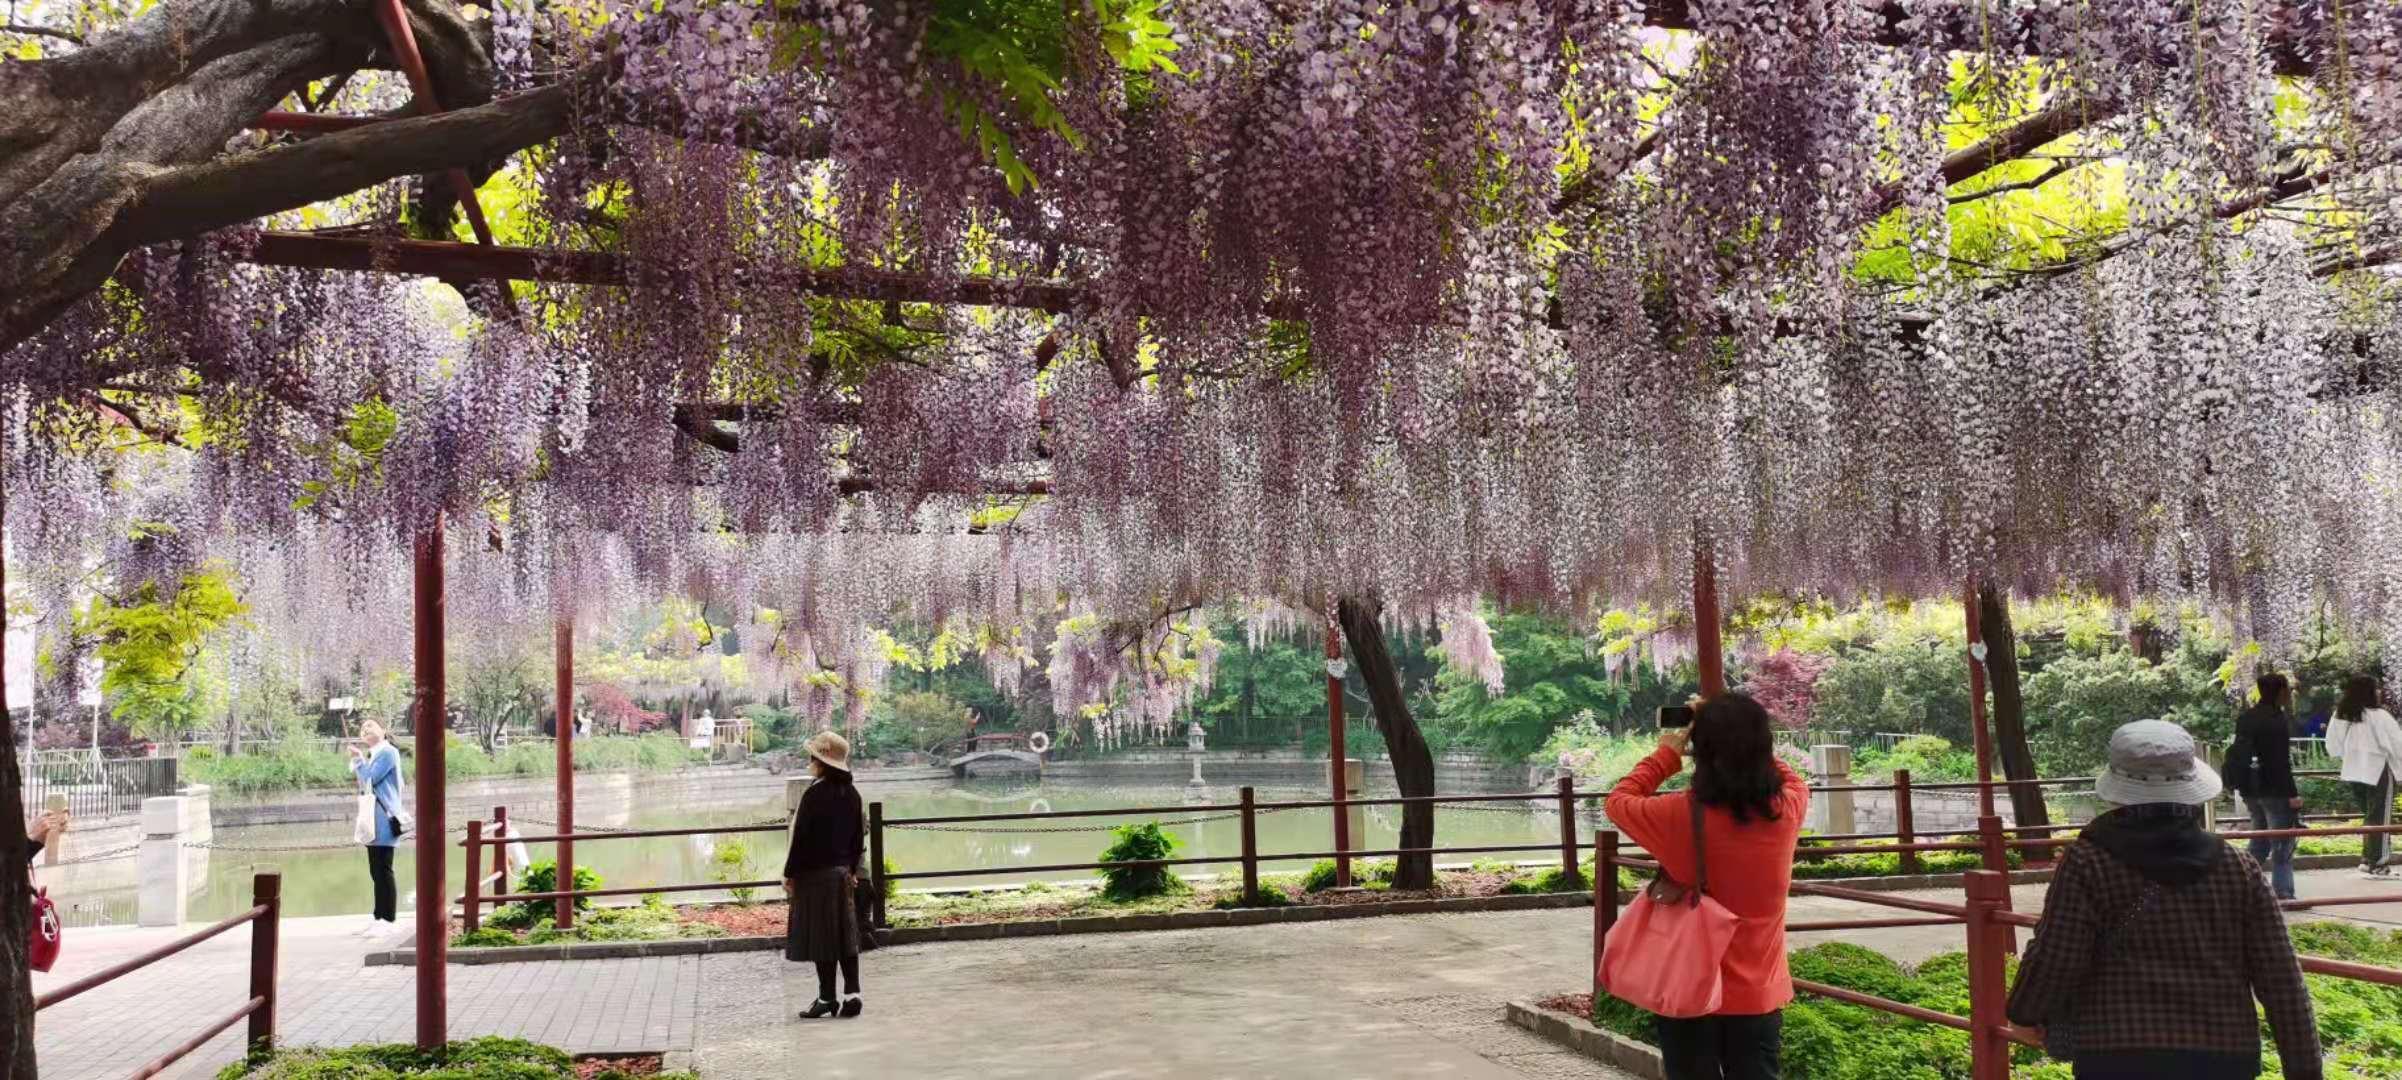 上海嘉定紫藤园步入盛花期